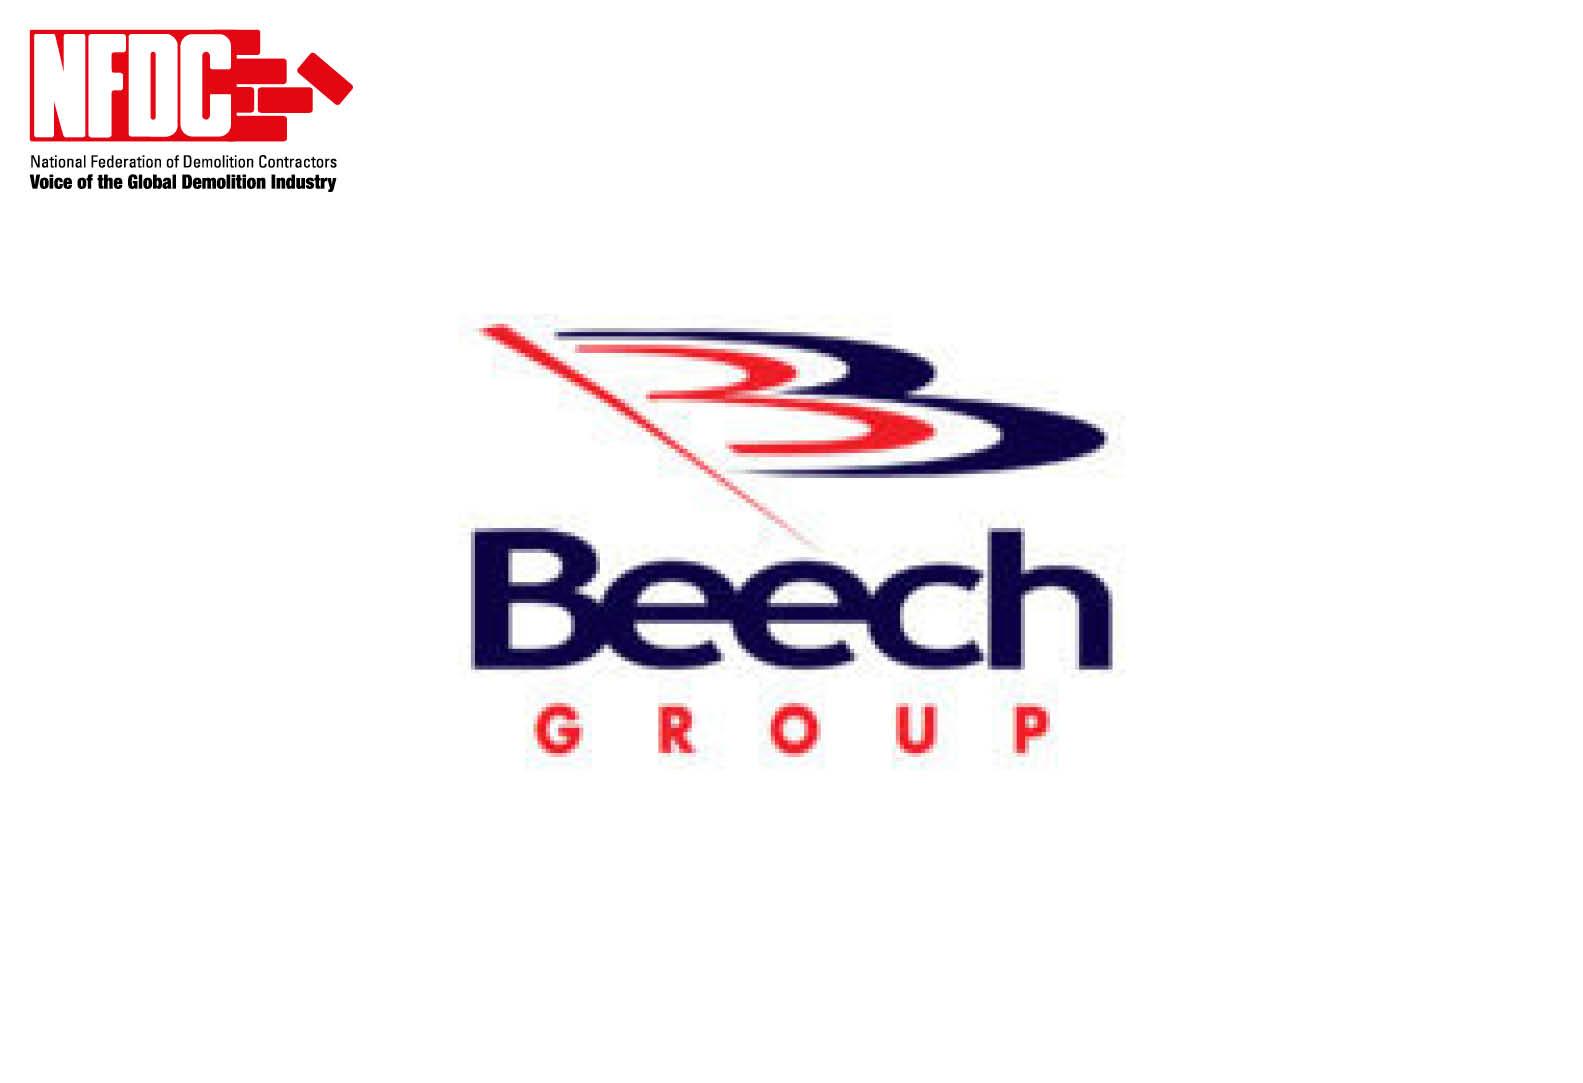 John Beech